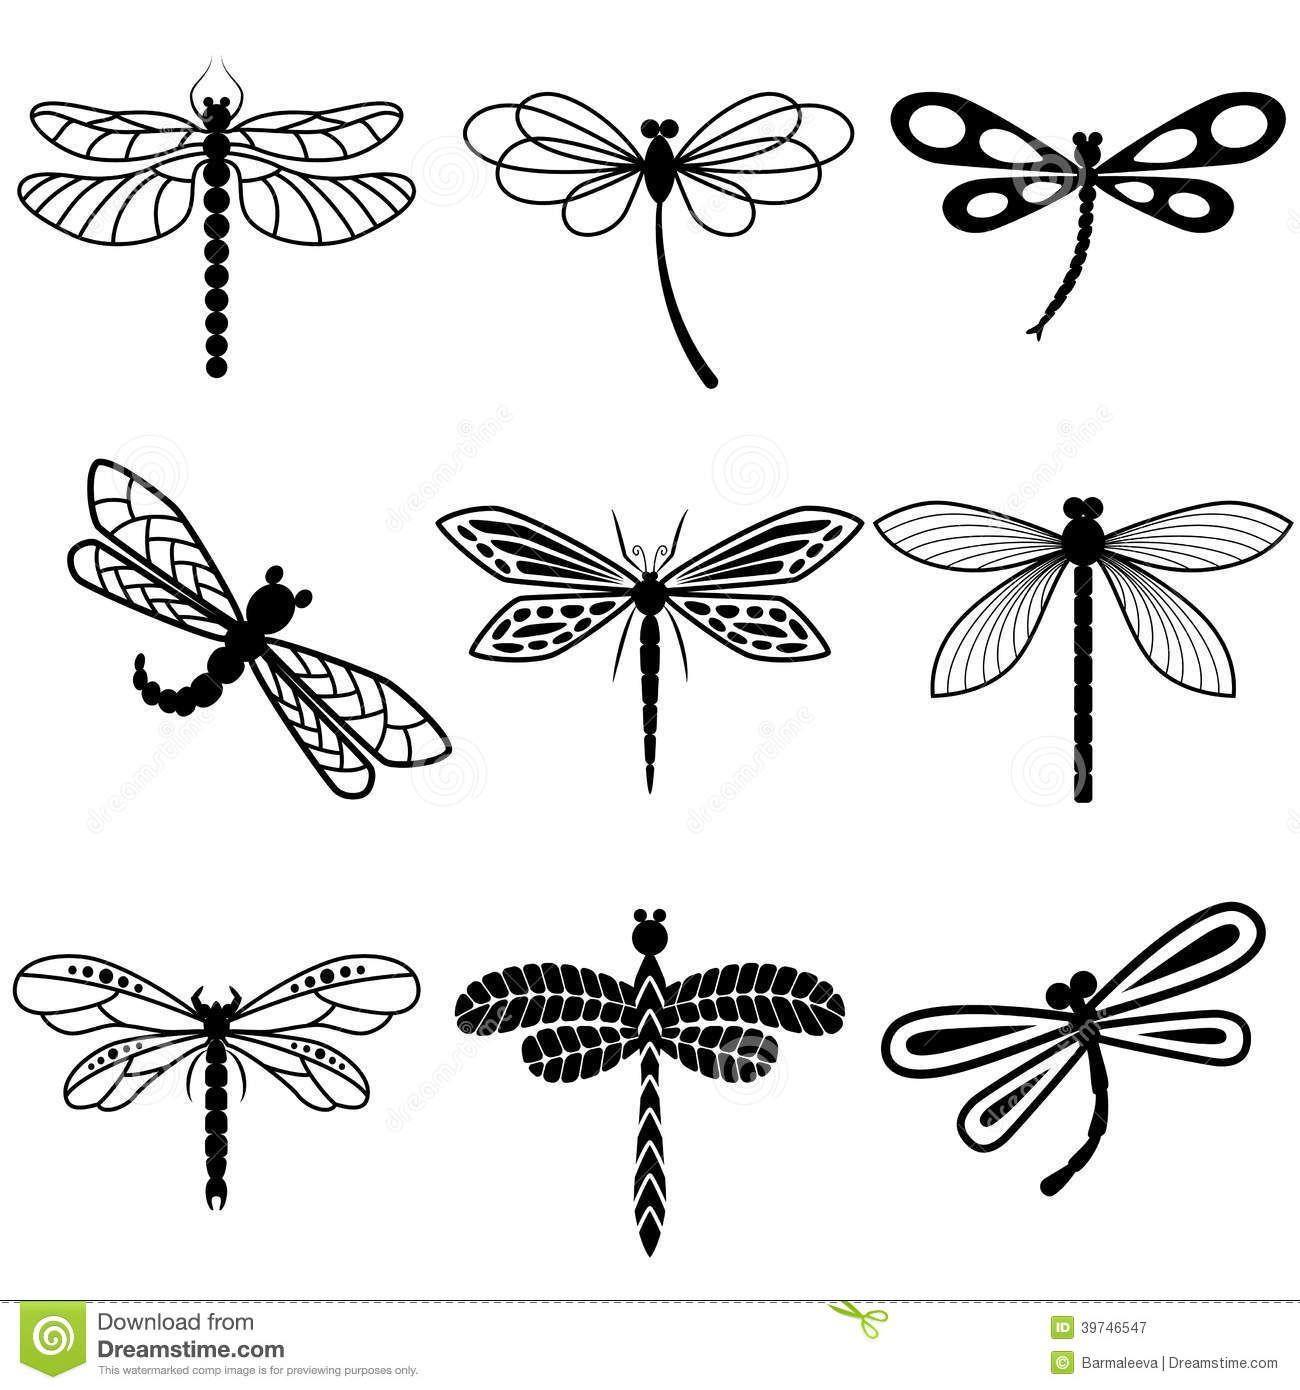 silueta secuencia vuelo libelula - Buscar con Google | Minions ...